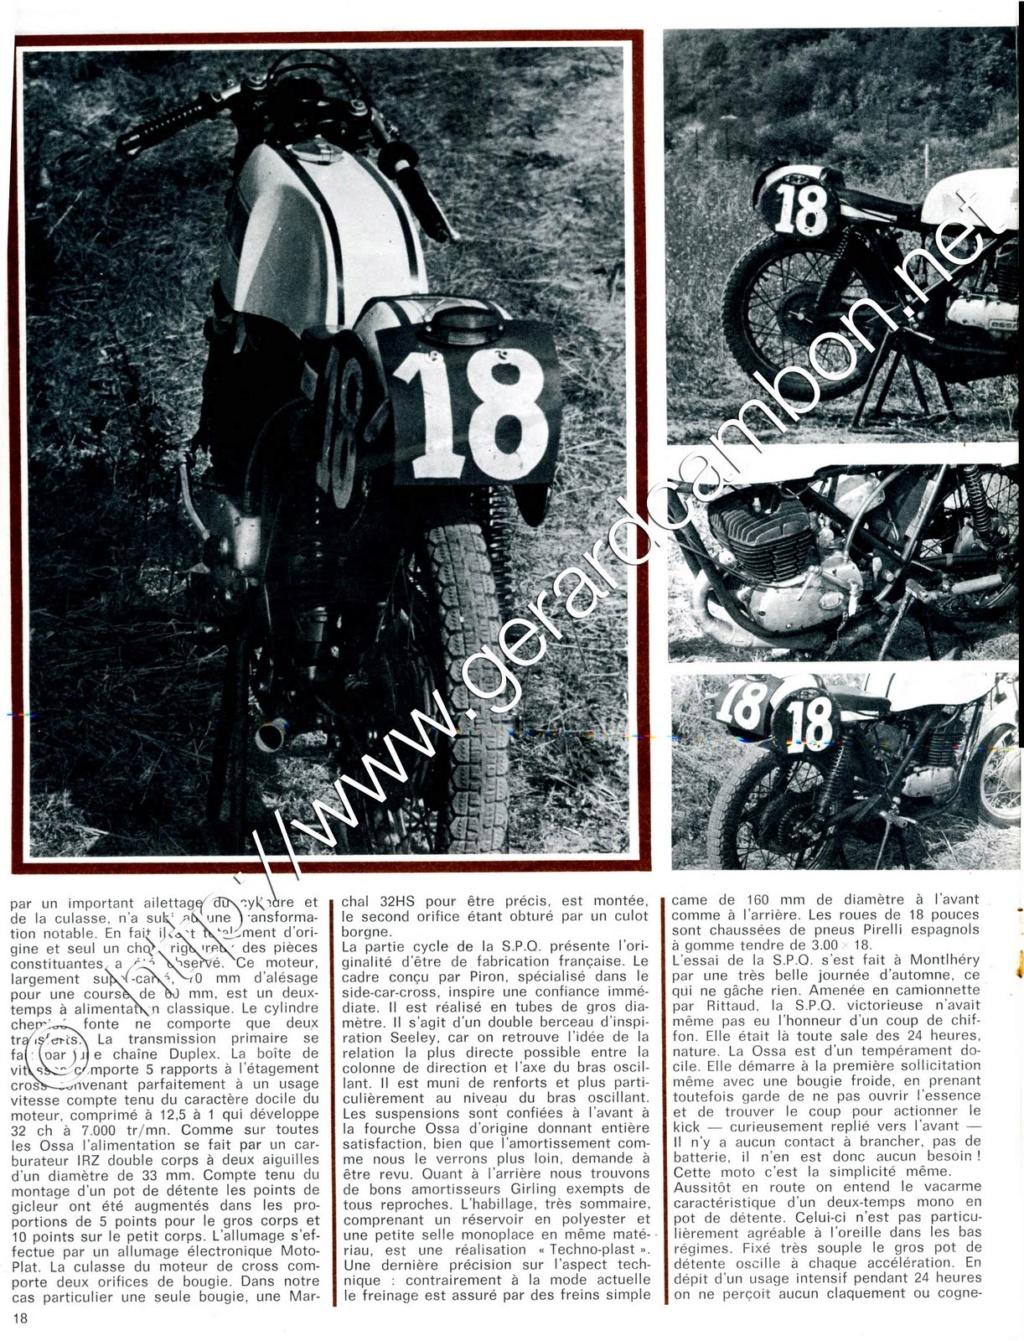 La Ossa campeona del Bol d'Or 250 en 1971 Ossa_s11